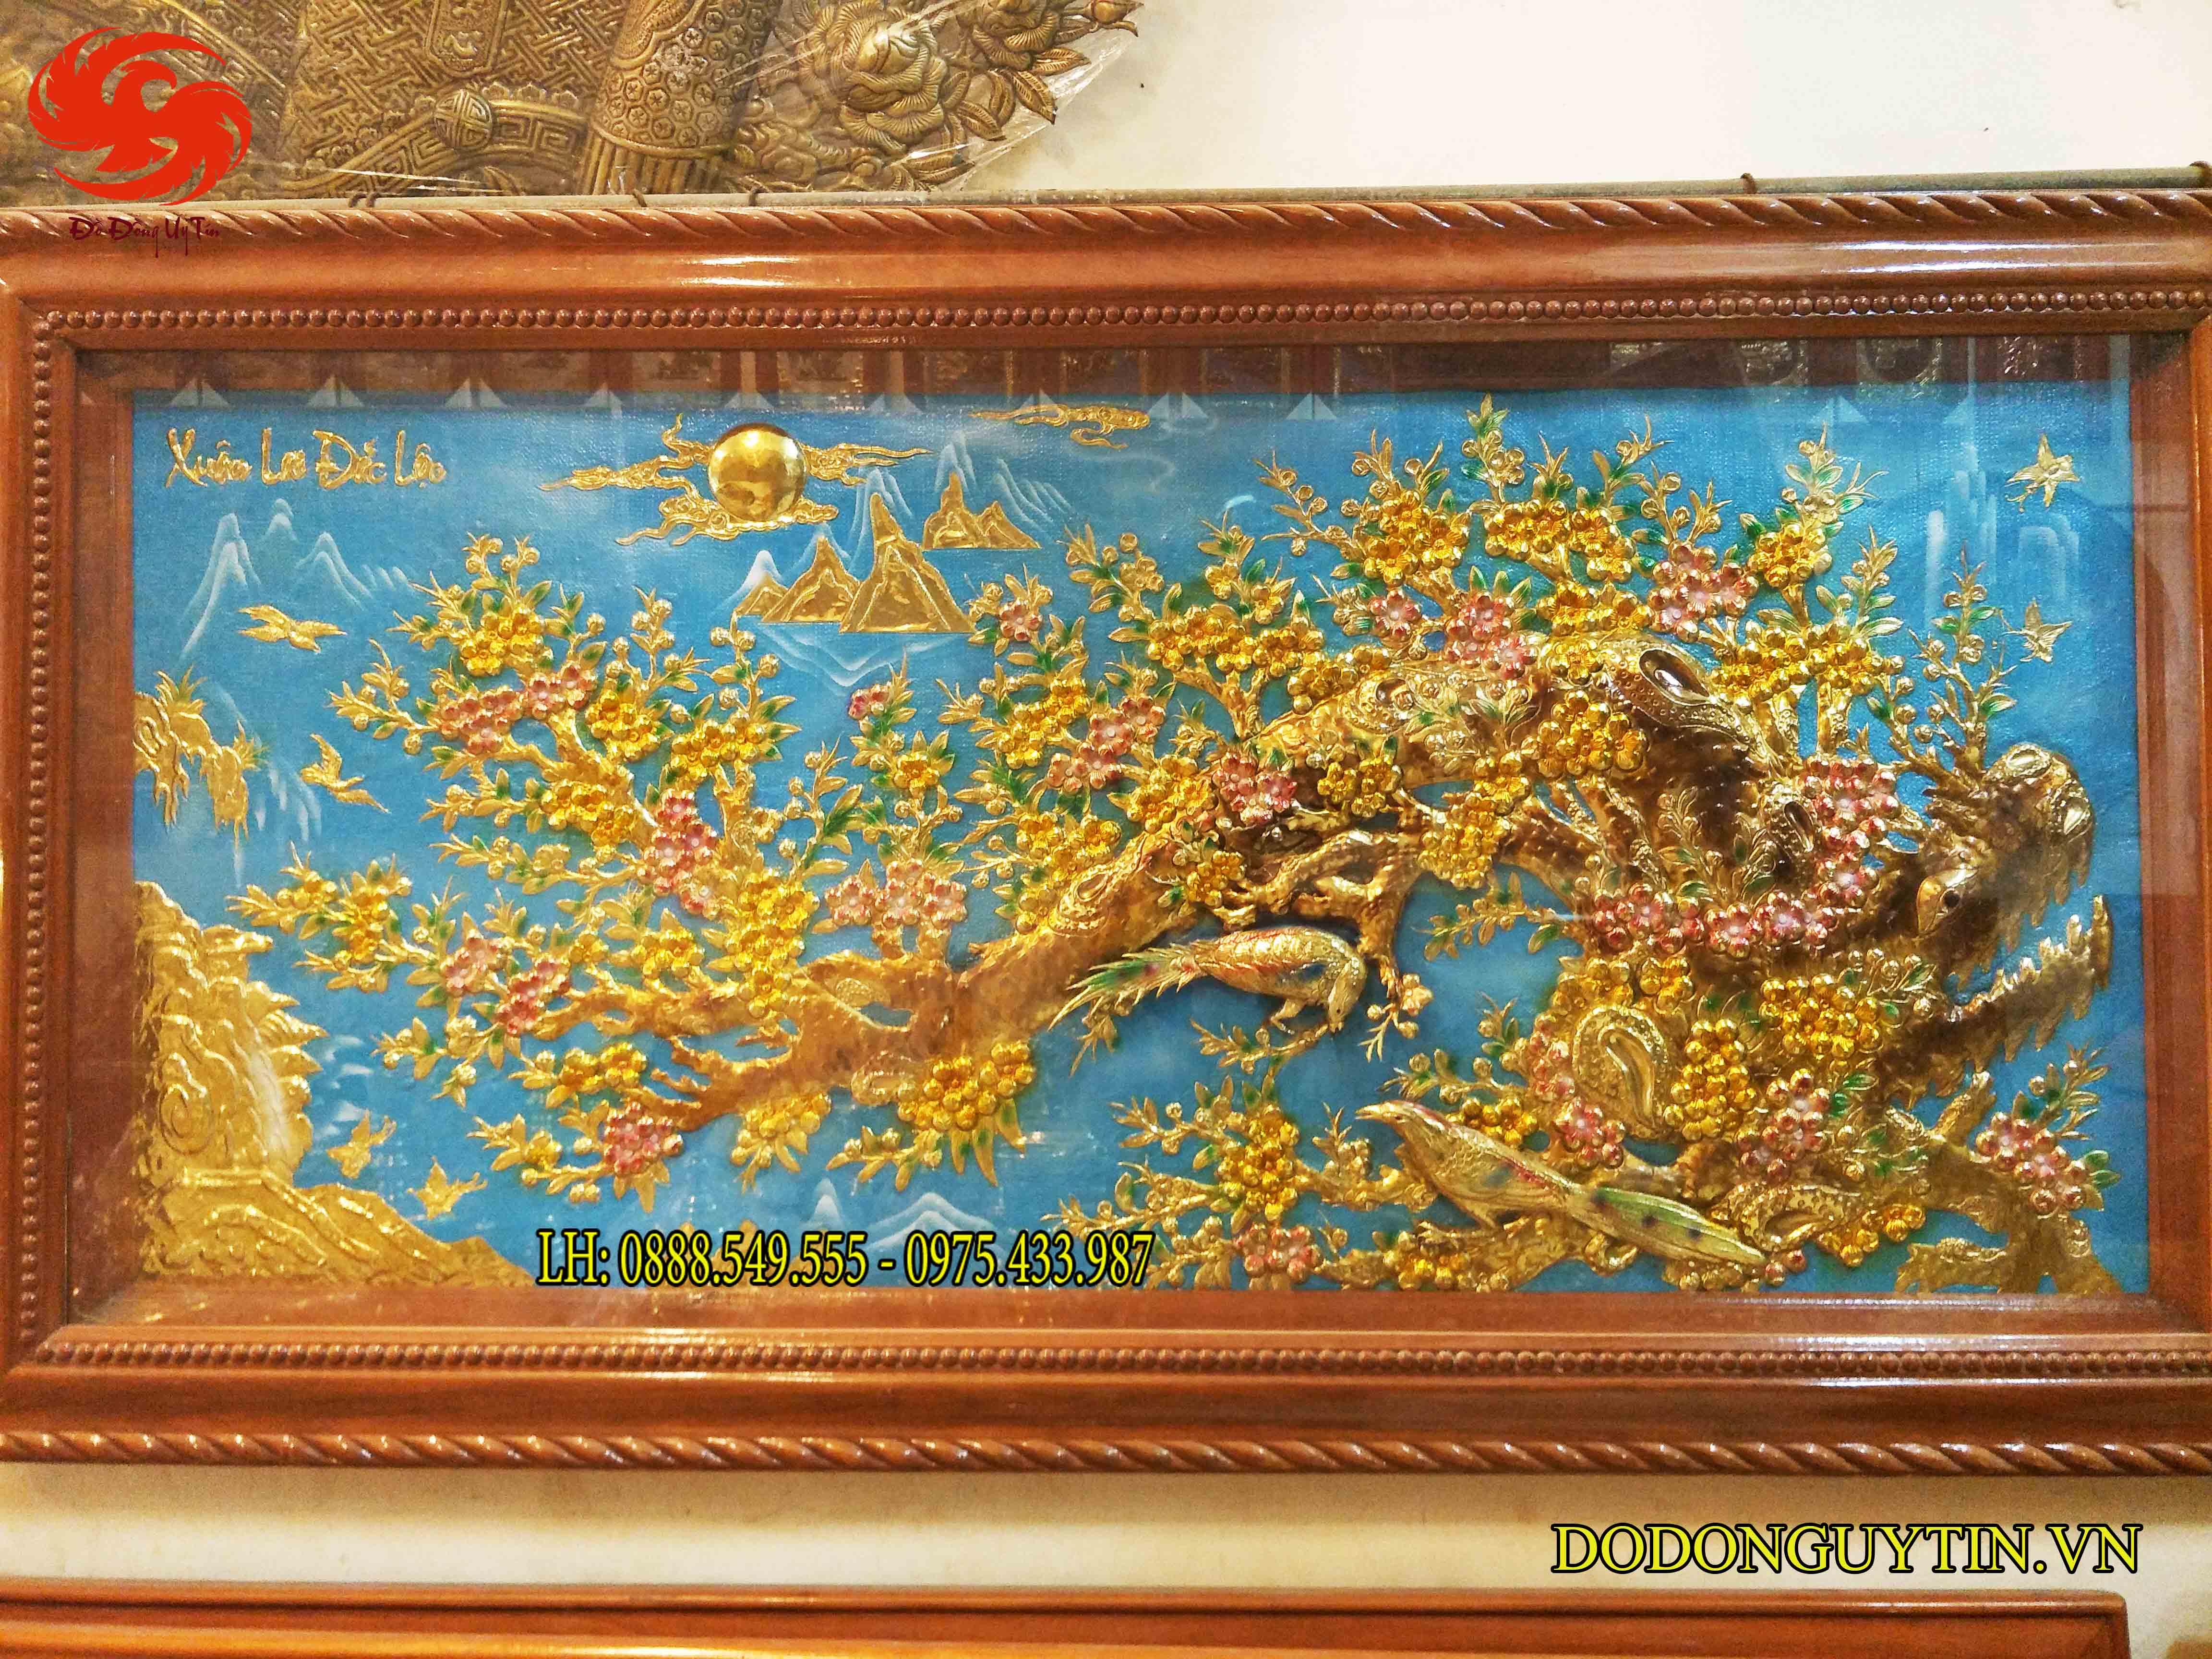 tranh đồng mai hóa rồng - Xuân lai đắc lộc